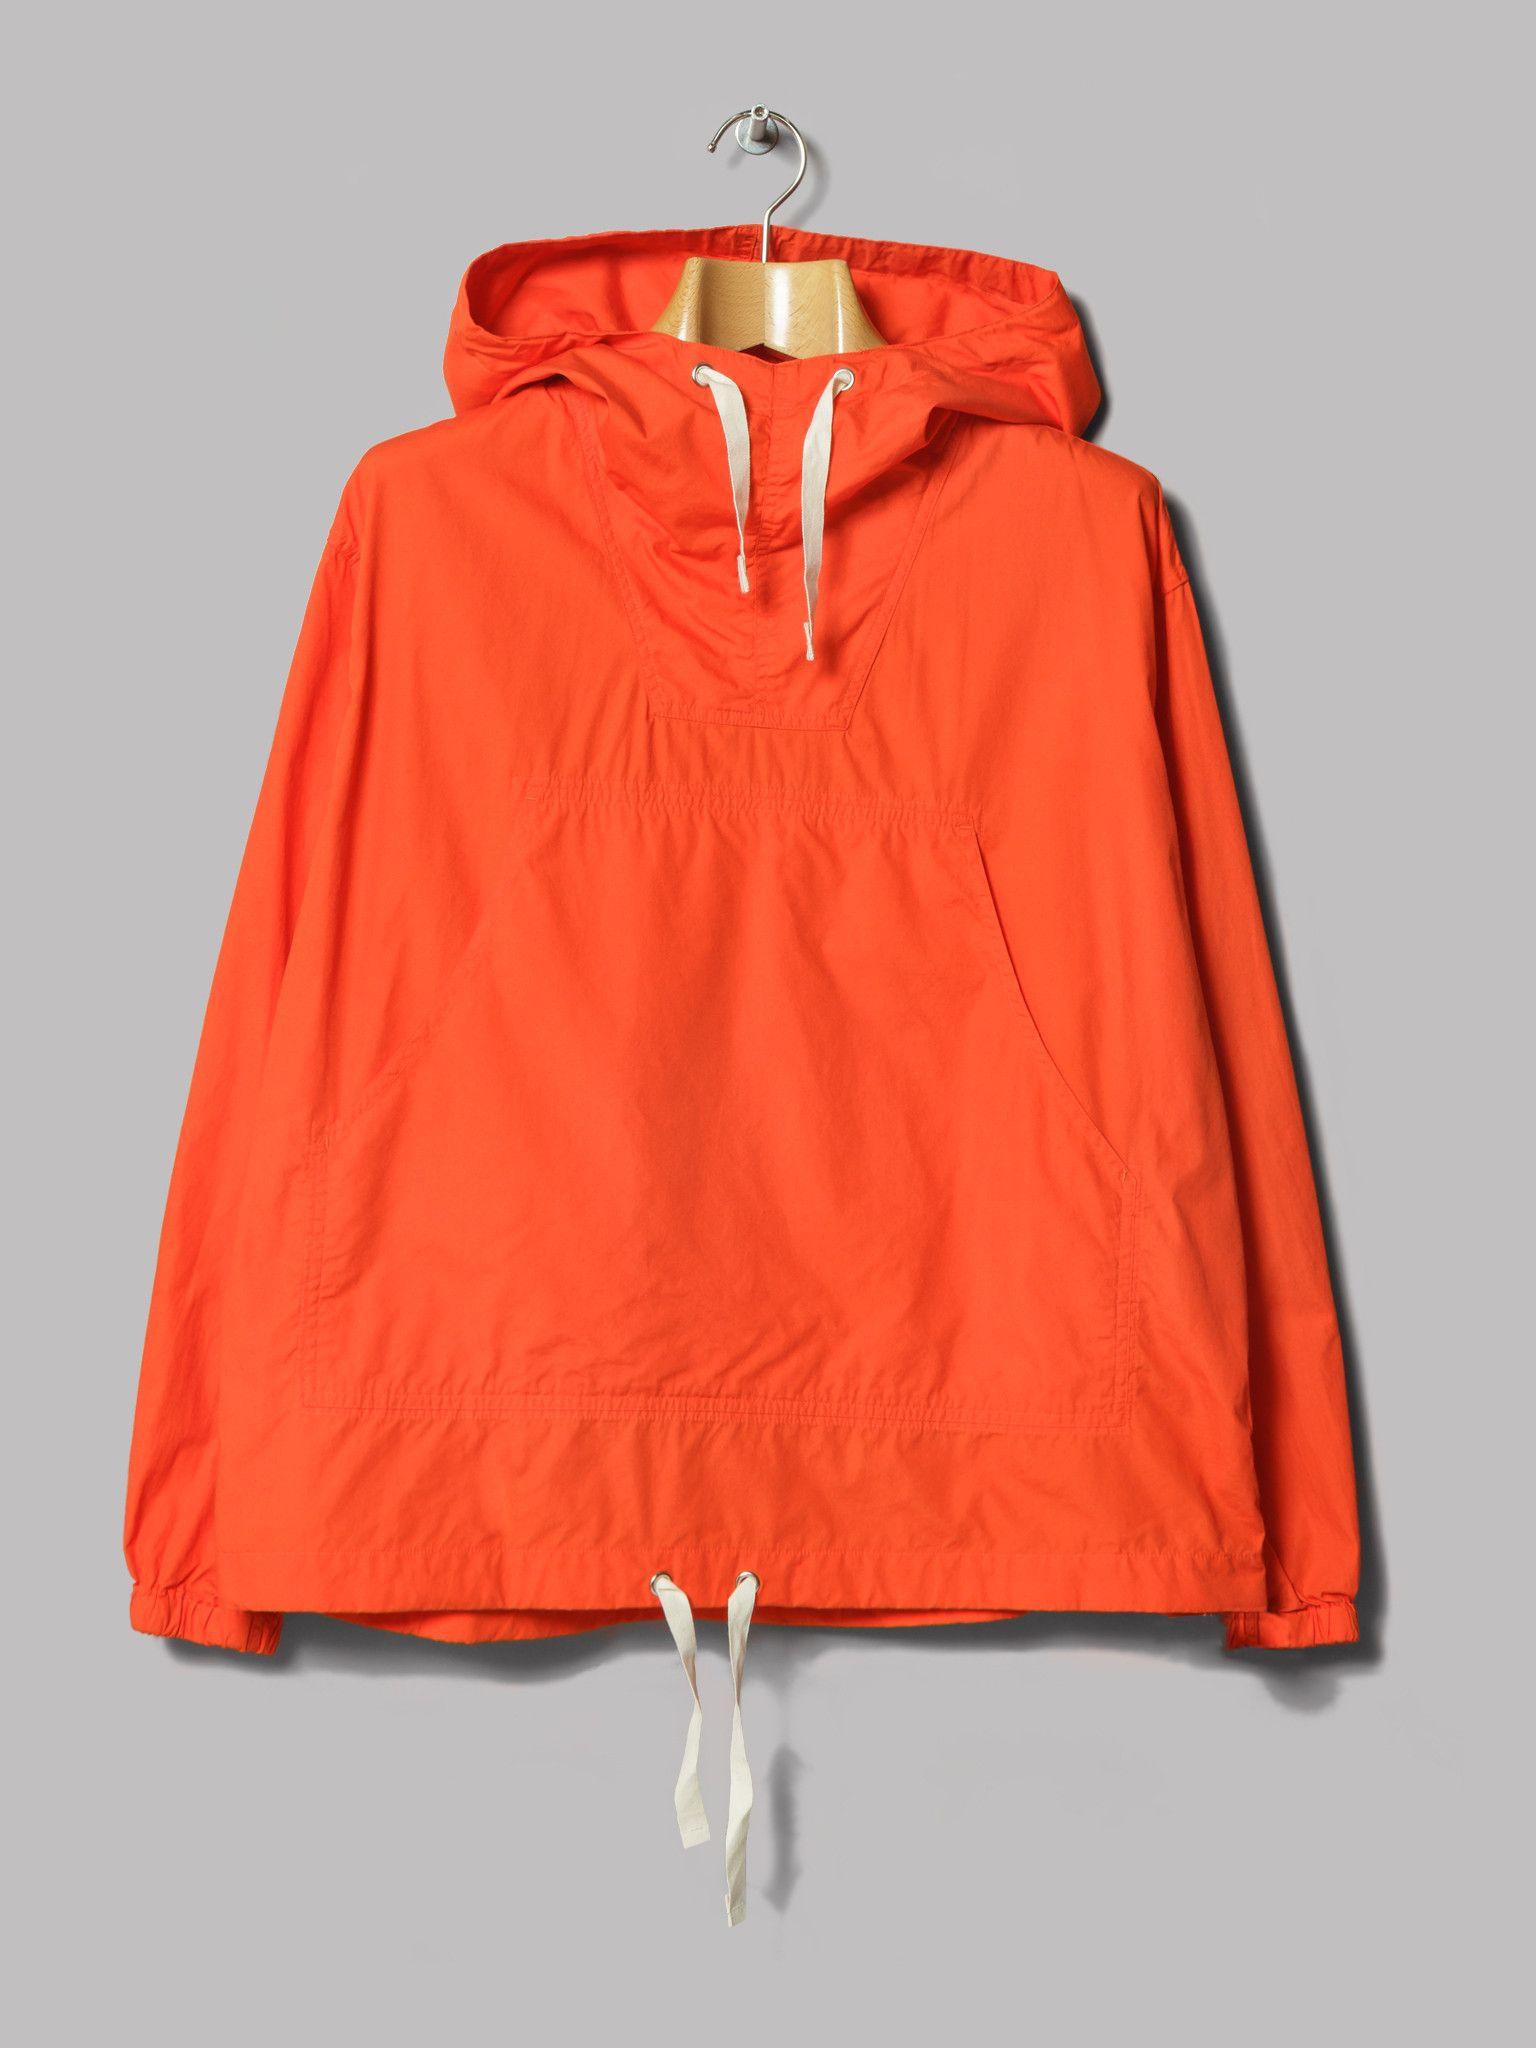 Beams Plus Broad Anorak (Red) | Menswear | Jackets, Hooded